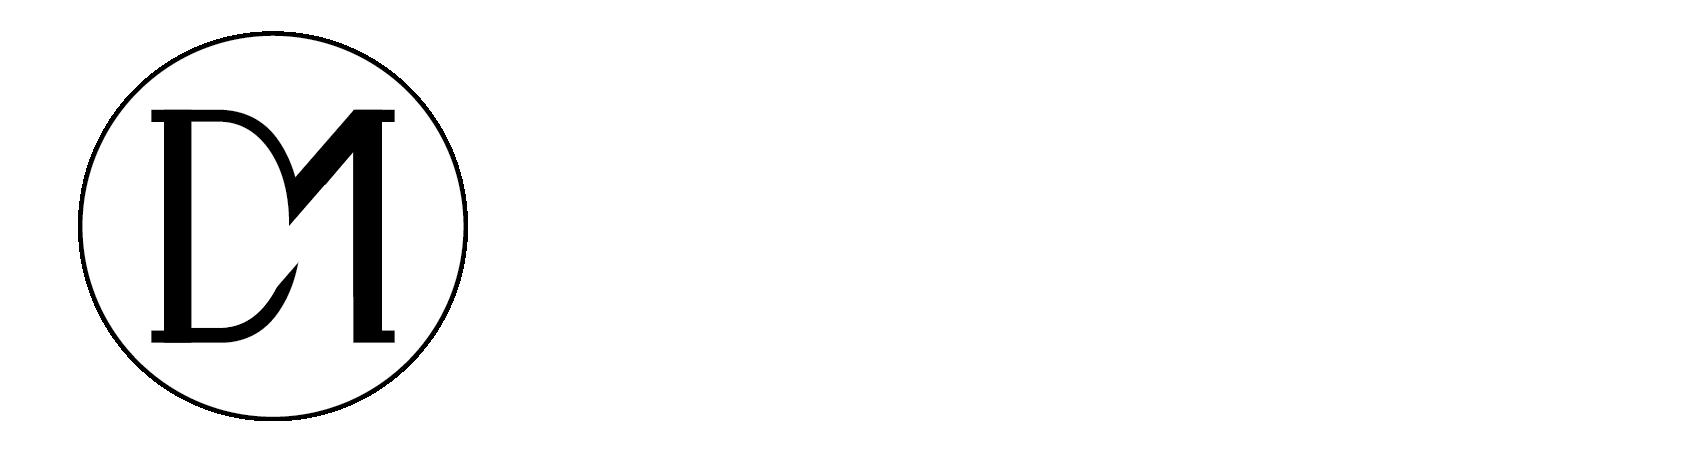 Dmweb